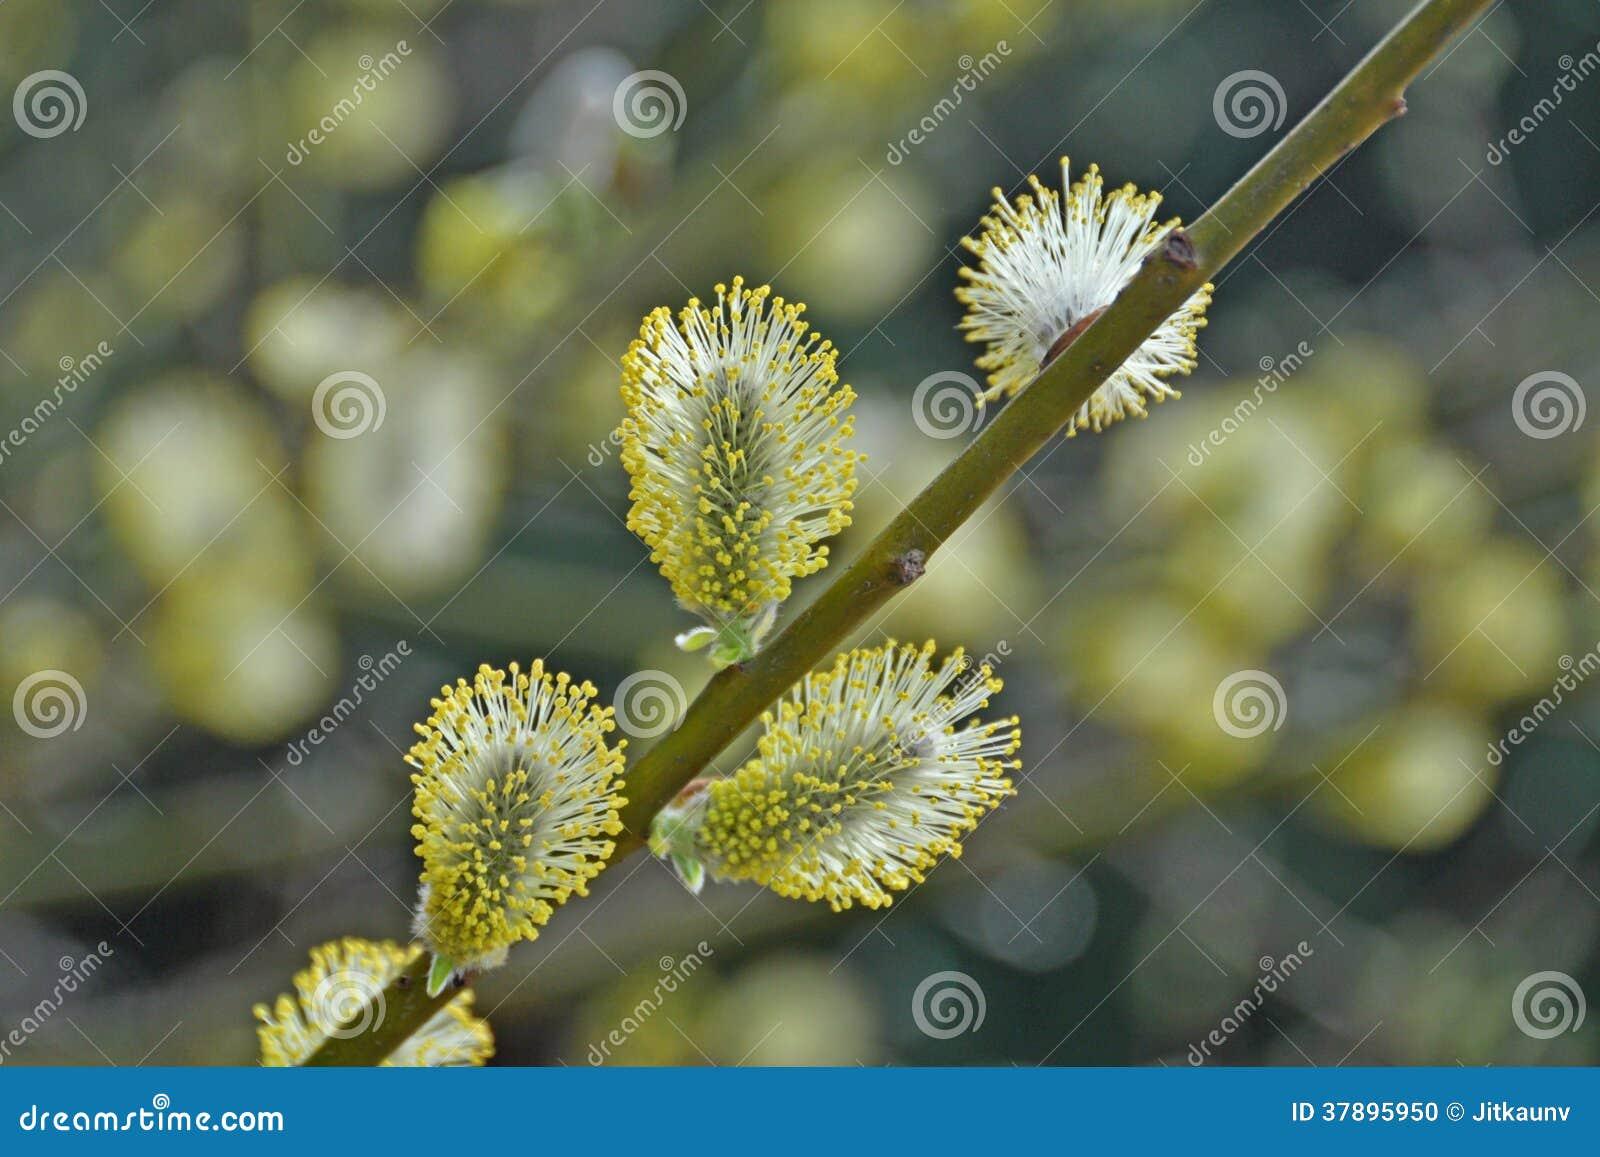 Salixcaprea